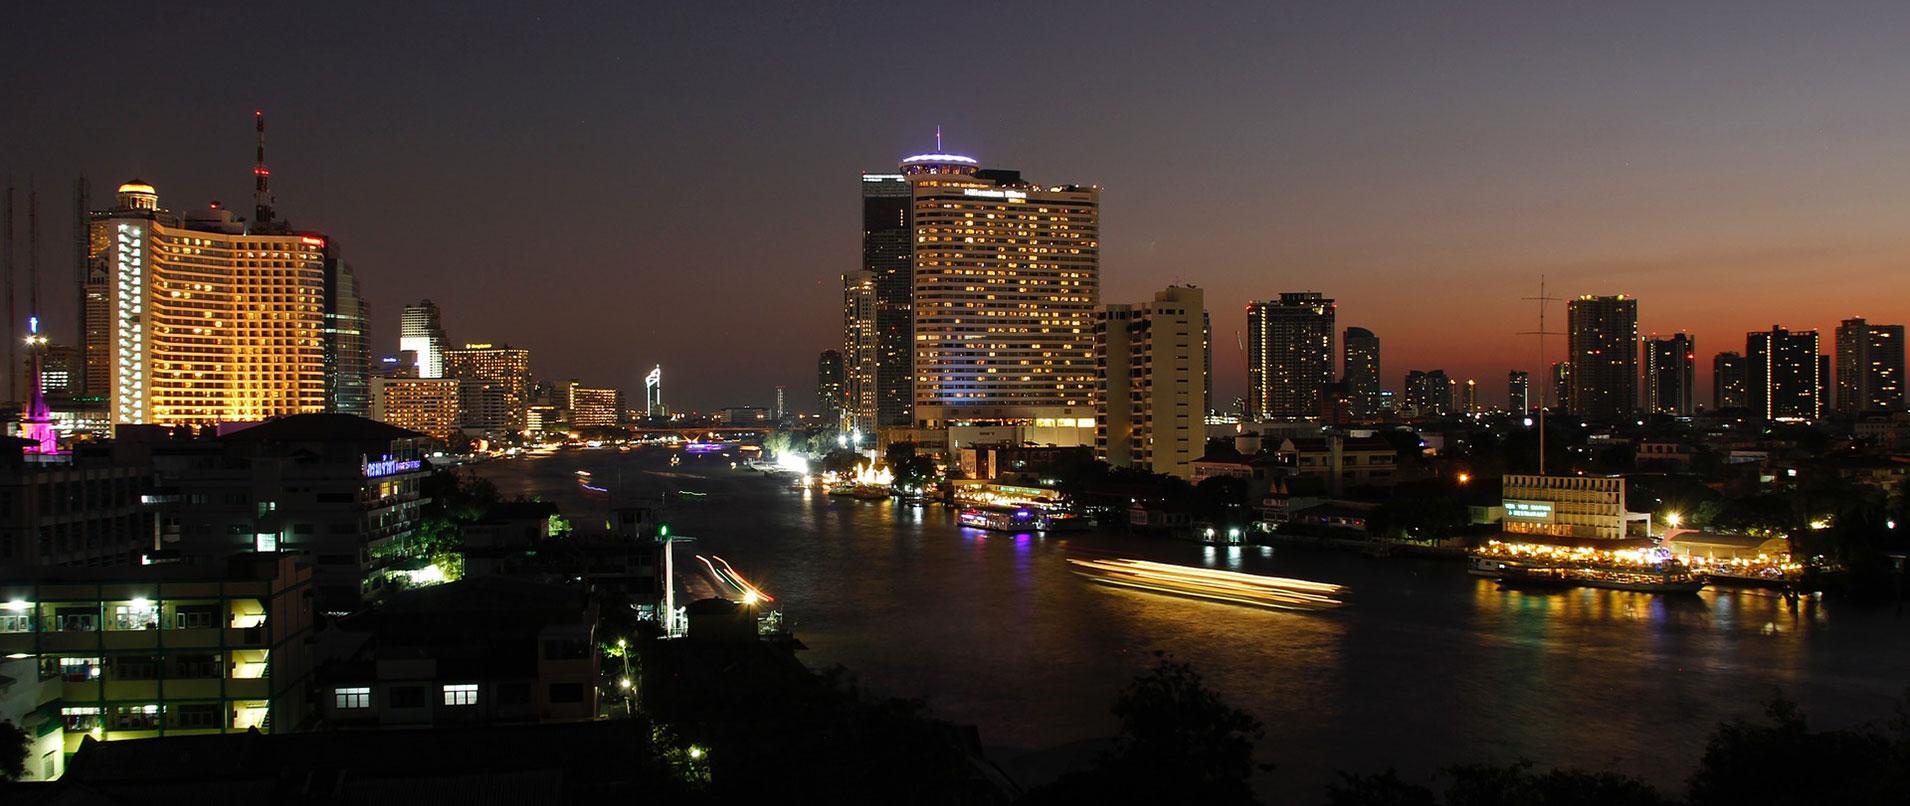 marketing internship in thailand